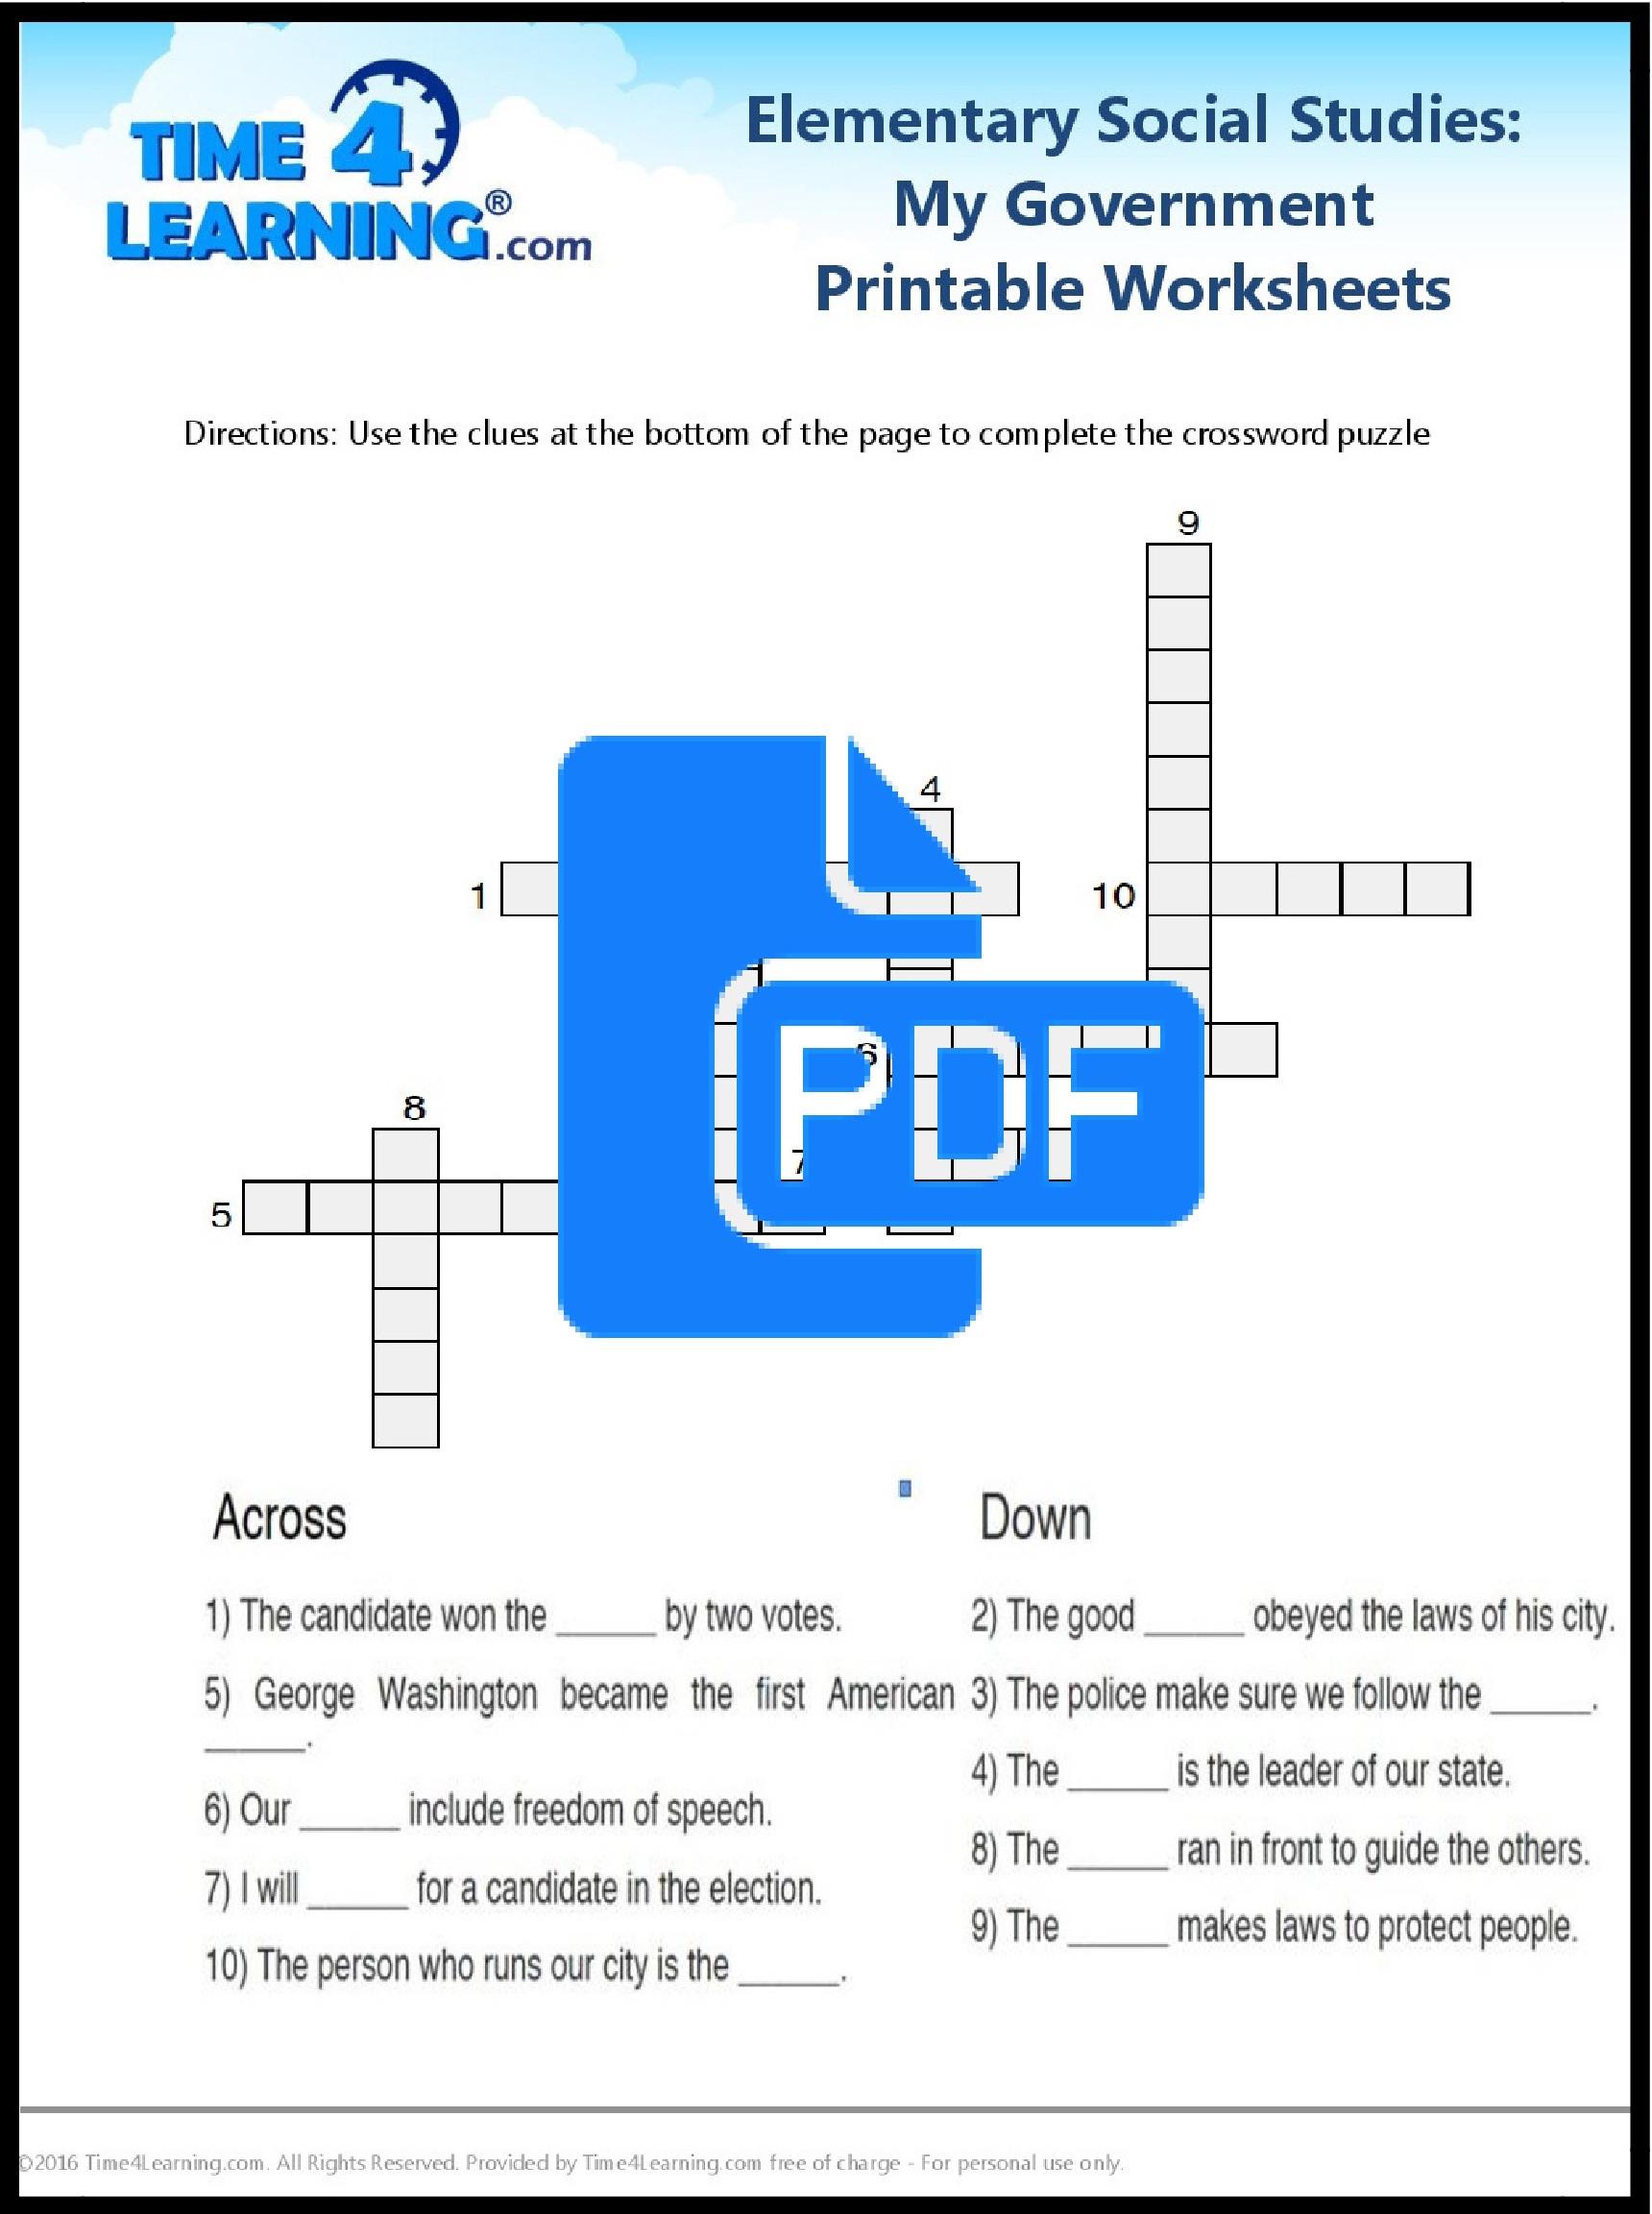 Social Studies Worksheets 6th Grade Free Printable Elementary social Stu S Worksheet